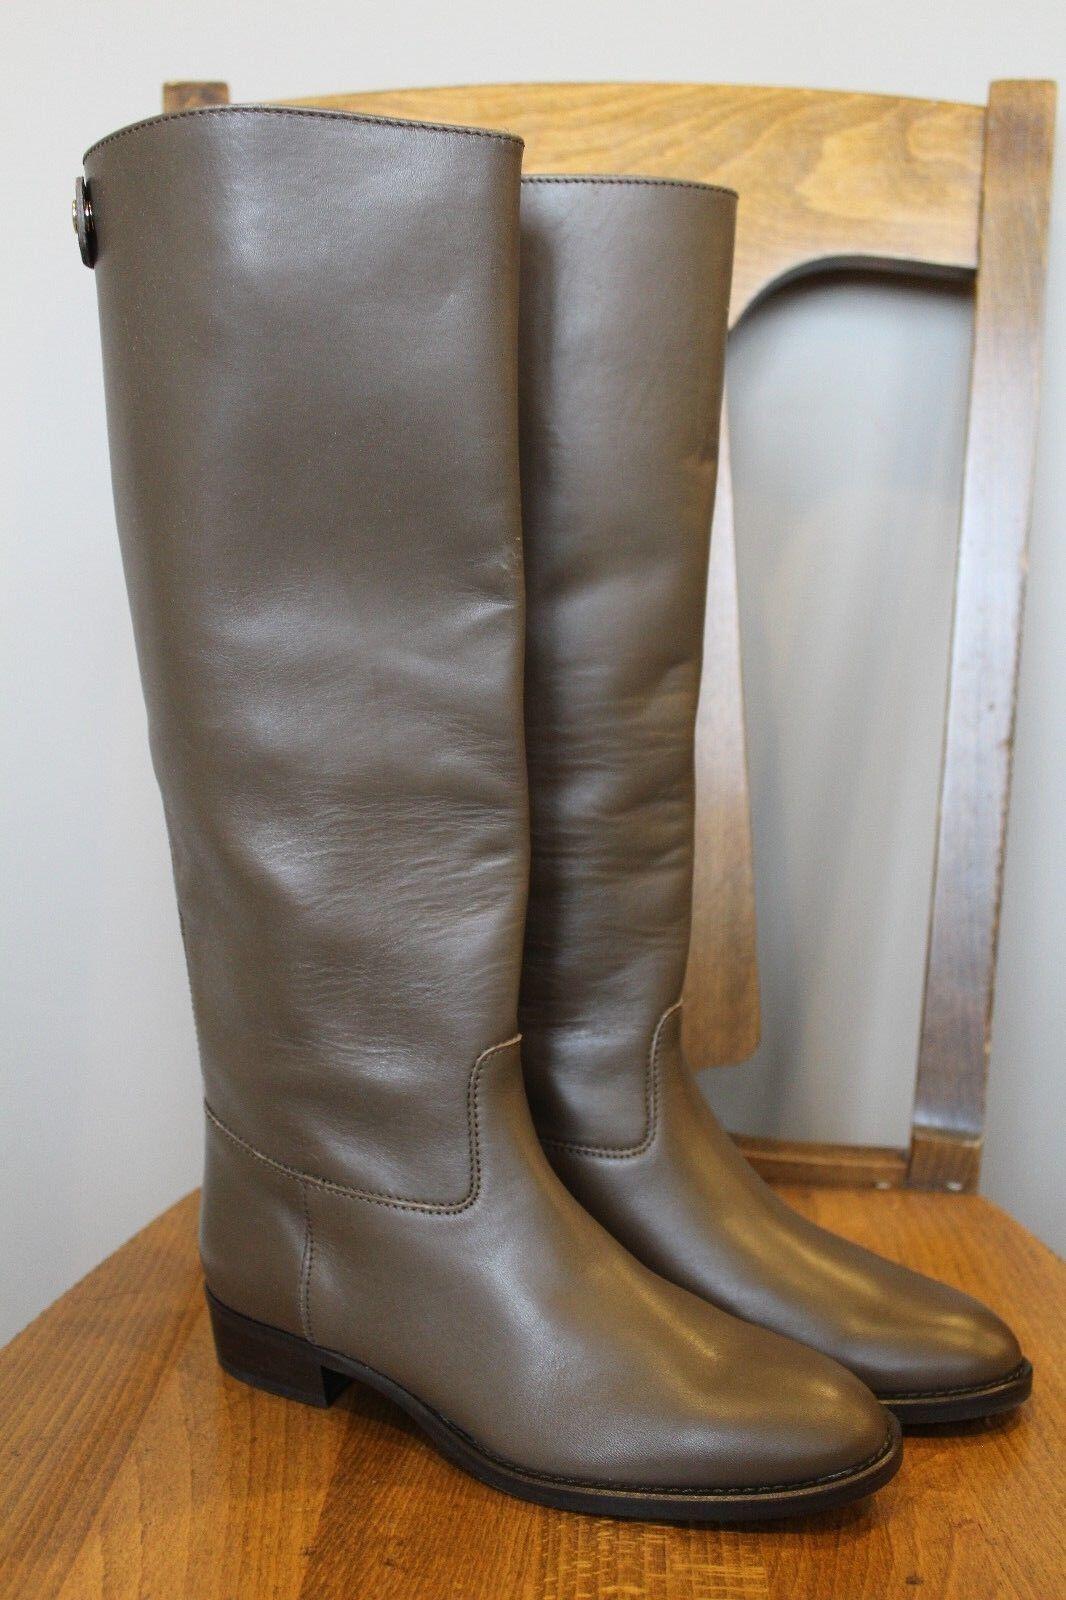 New J Crew Field Boots Dark Wood Sz 6.5 02960  328 Regular Calf